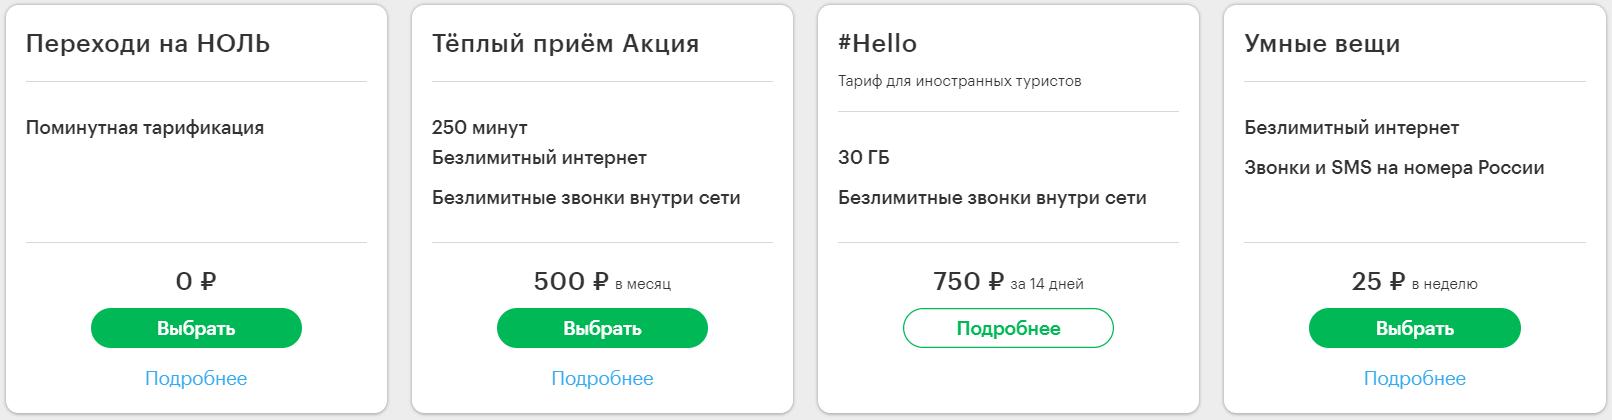 Остальные тарифы Мегафон в Калининграде